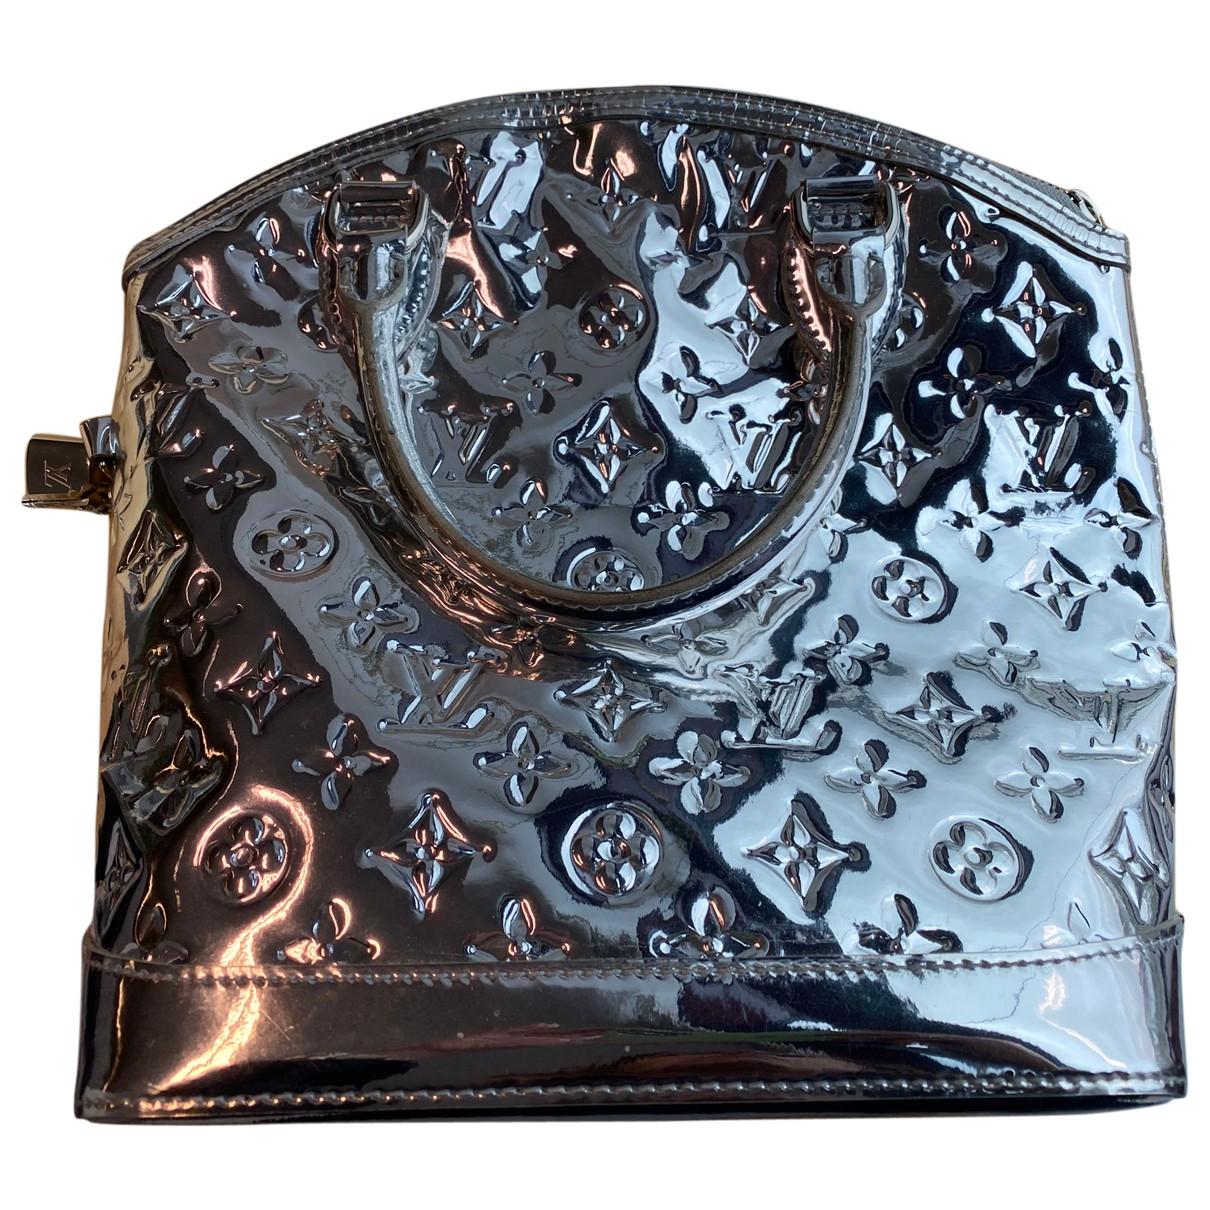 Louis Vuitton - Sac a main Lockit pour femme en cuir verni - argente